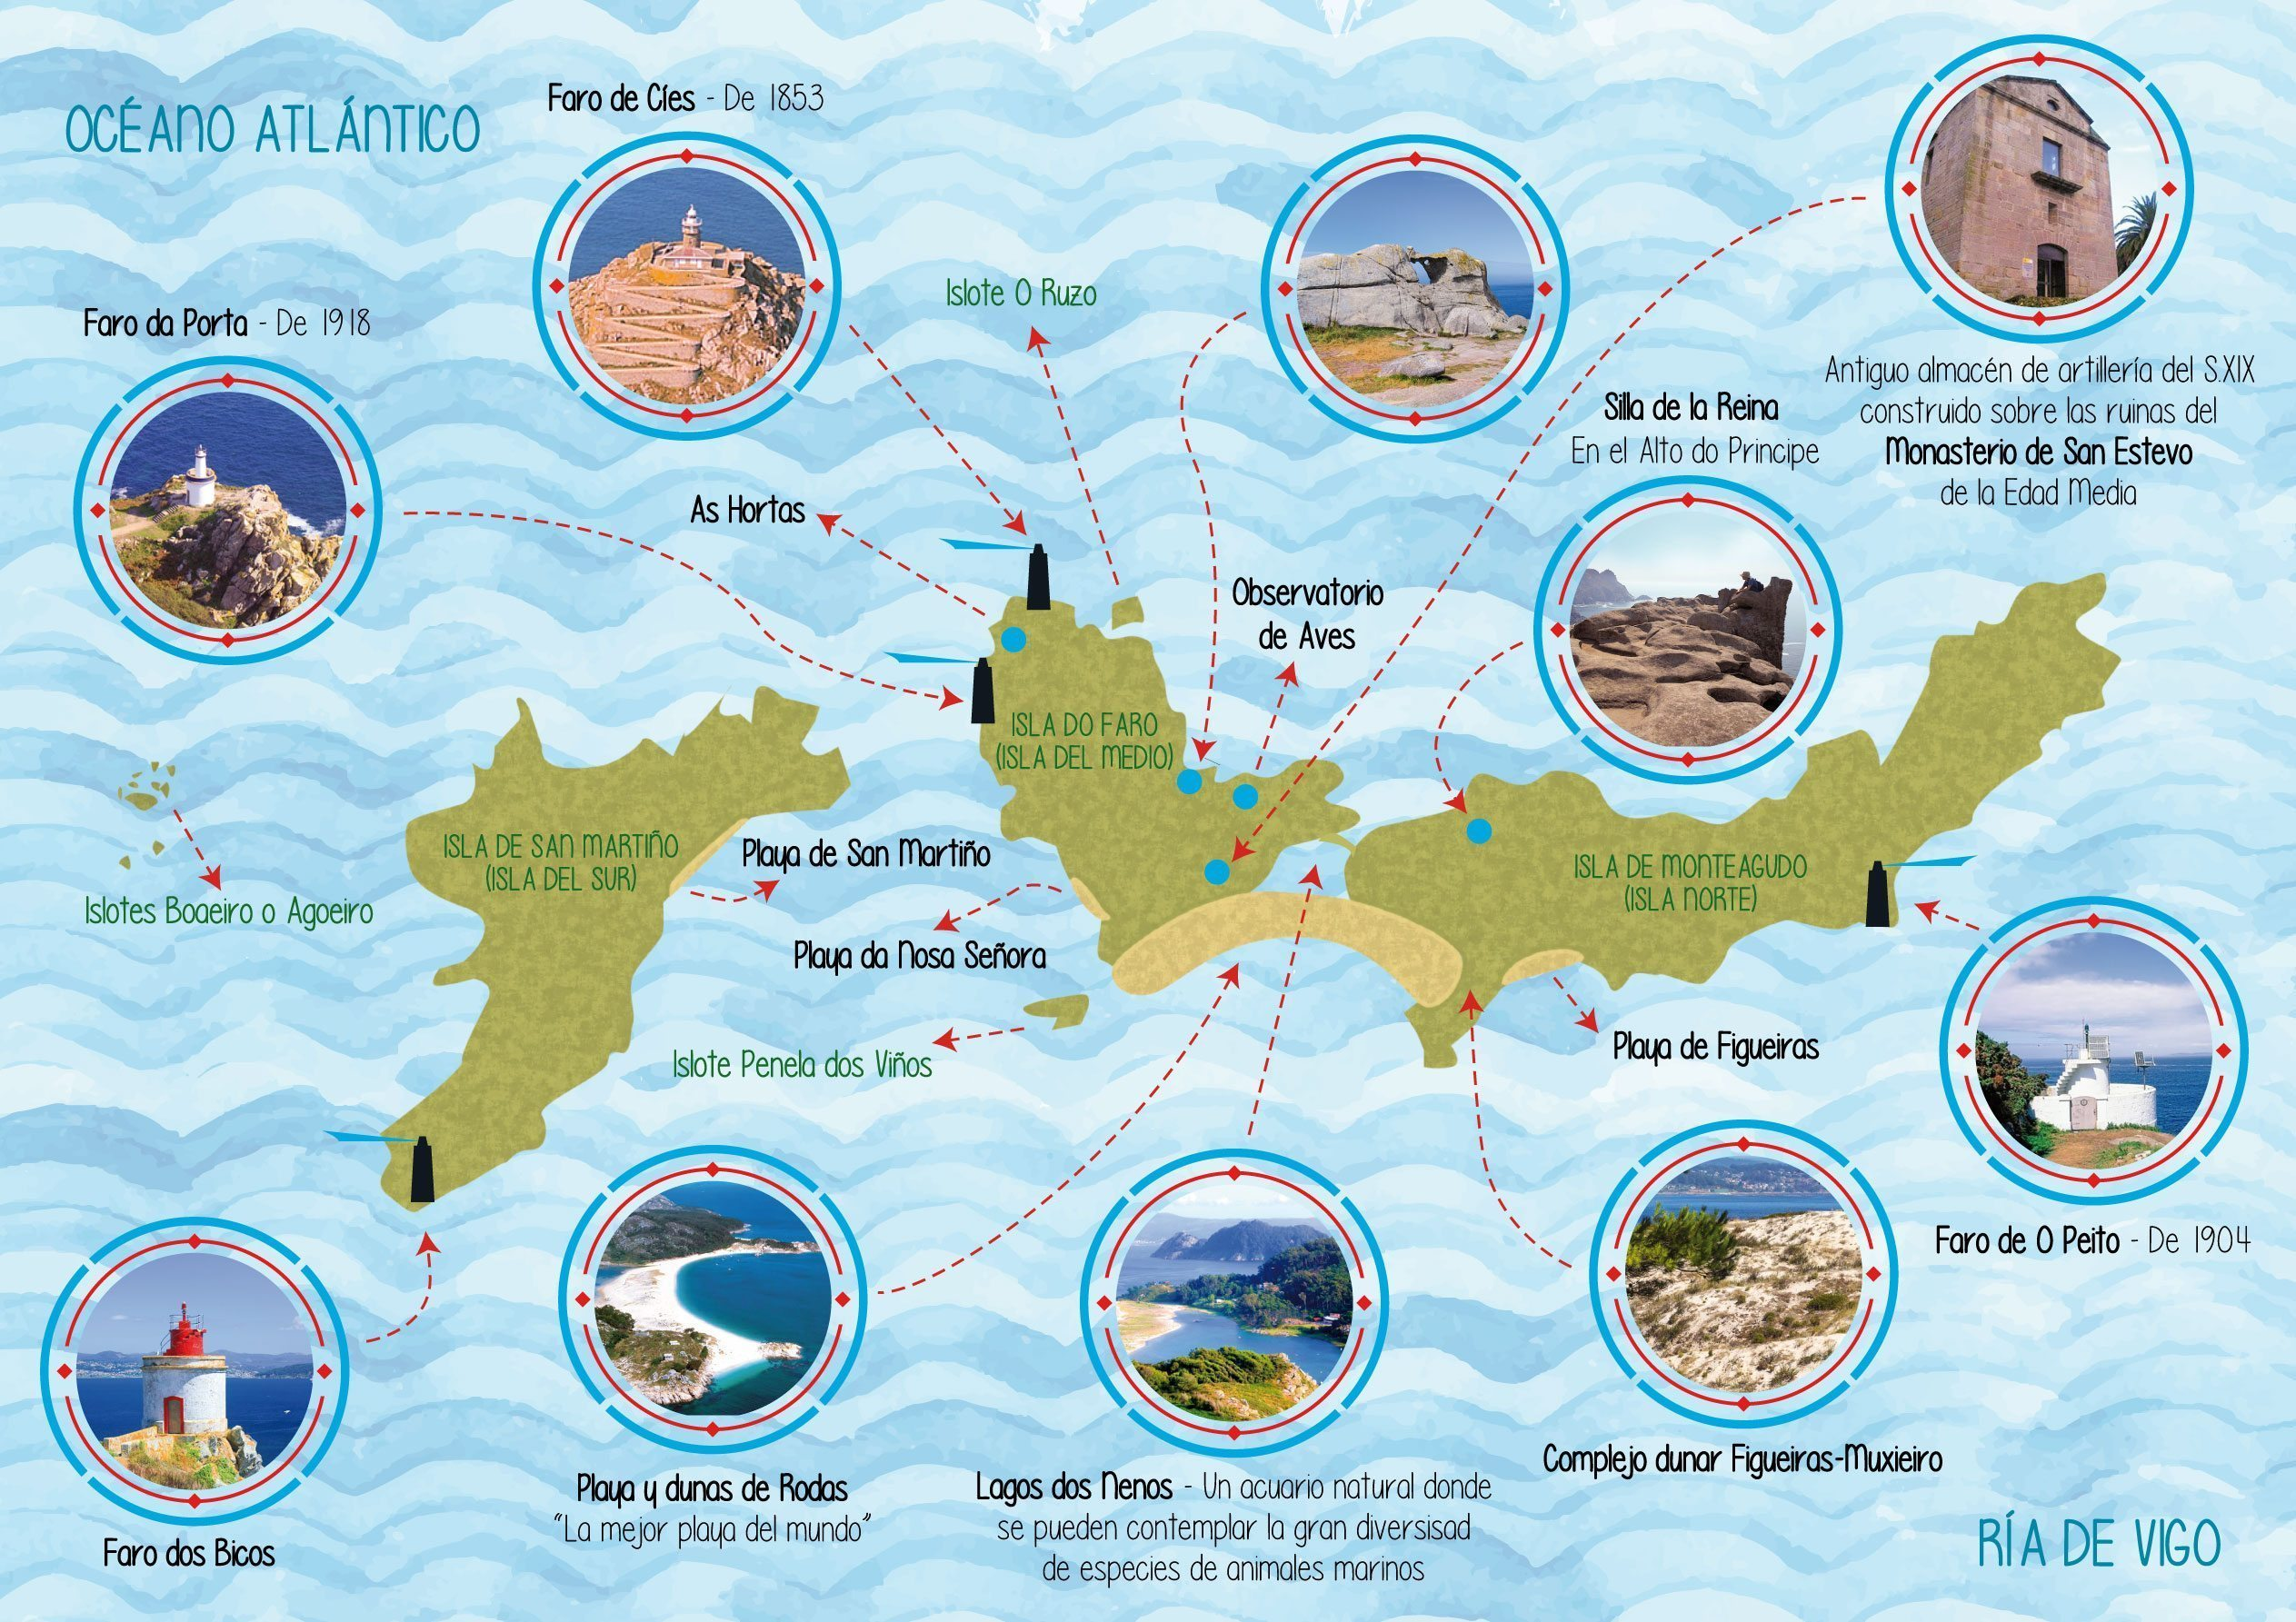 Isla De Rodas Mapa.In The Cies Islands